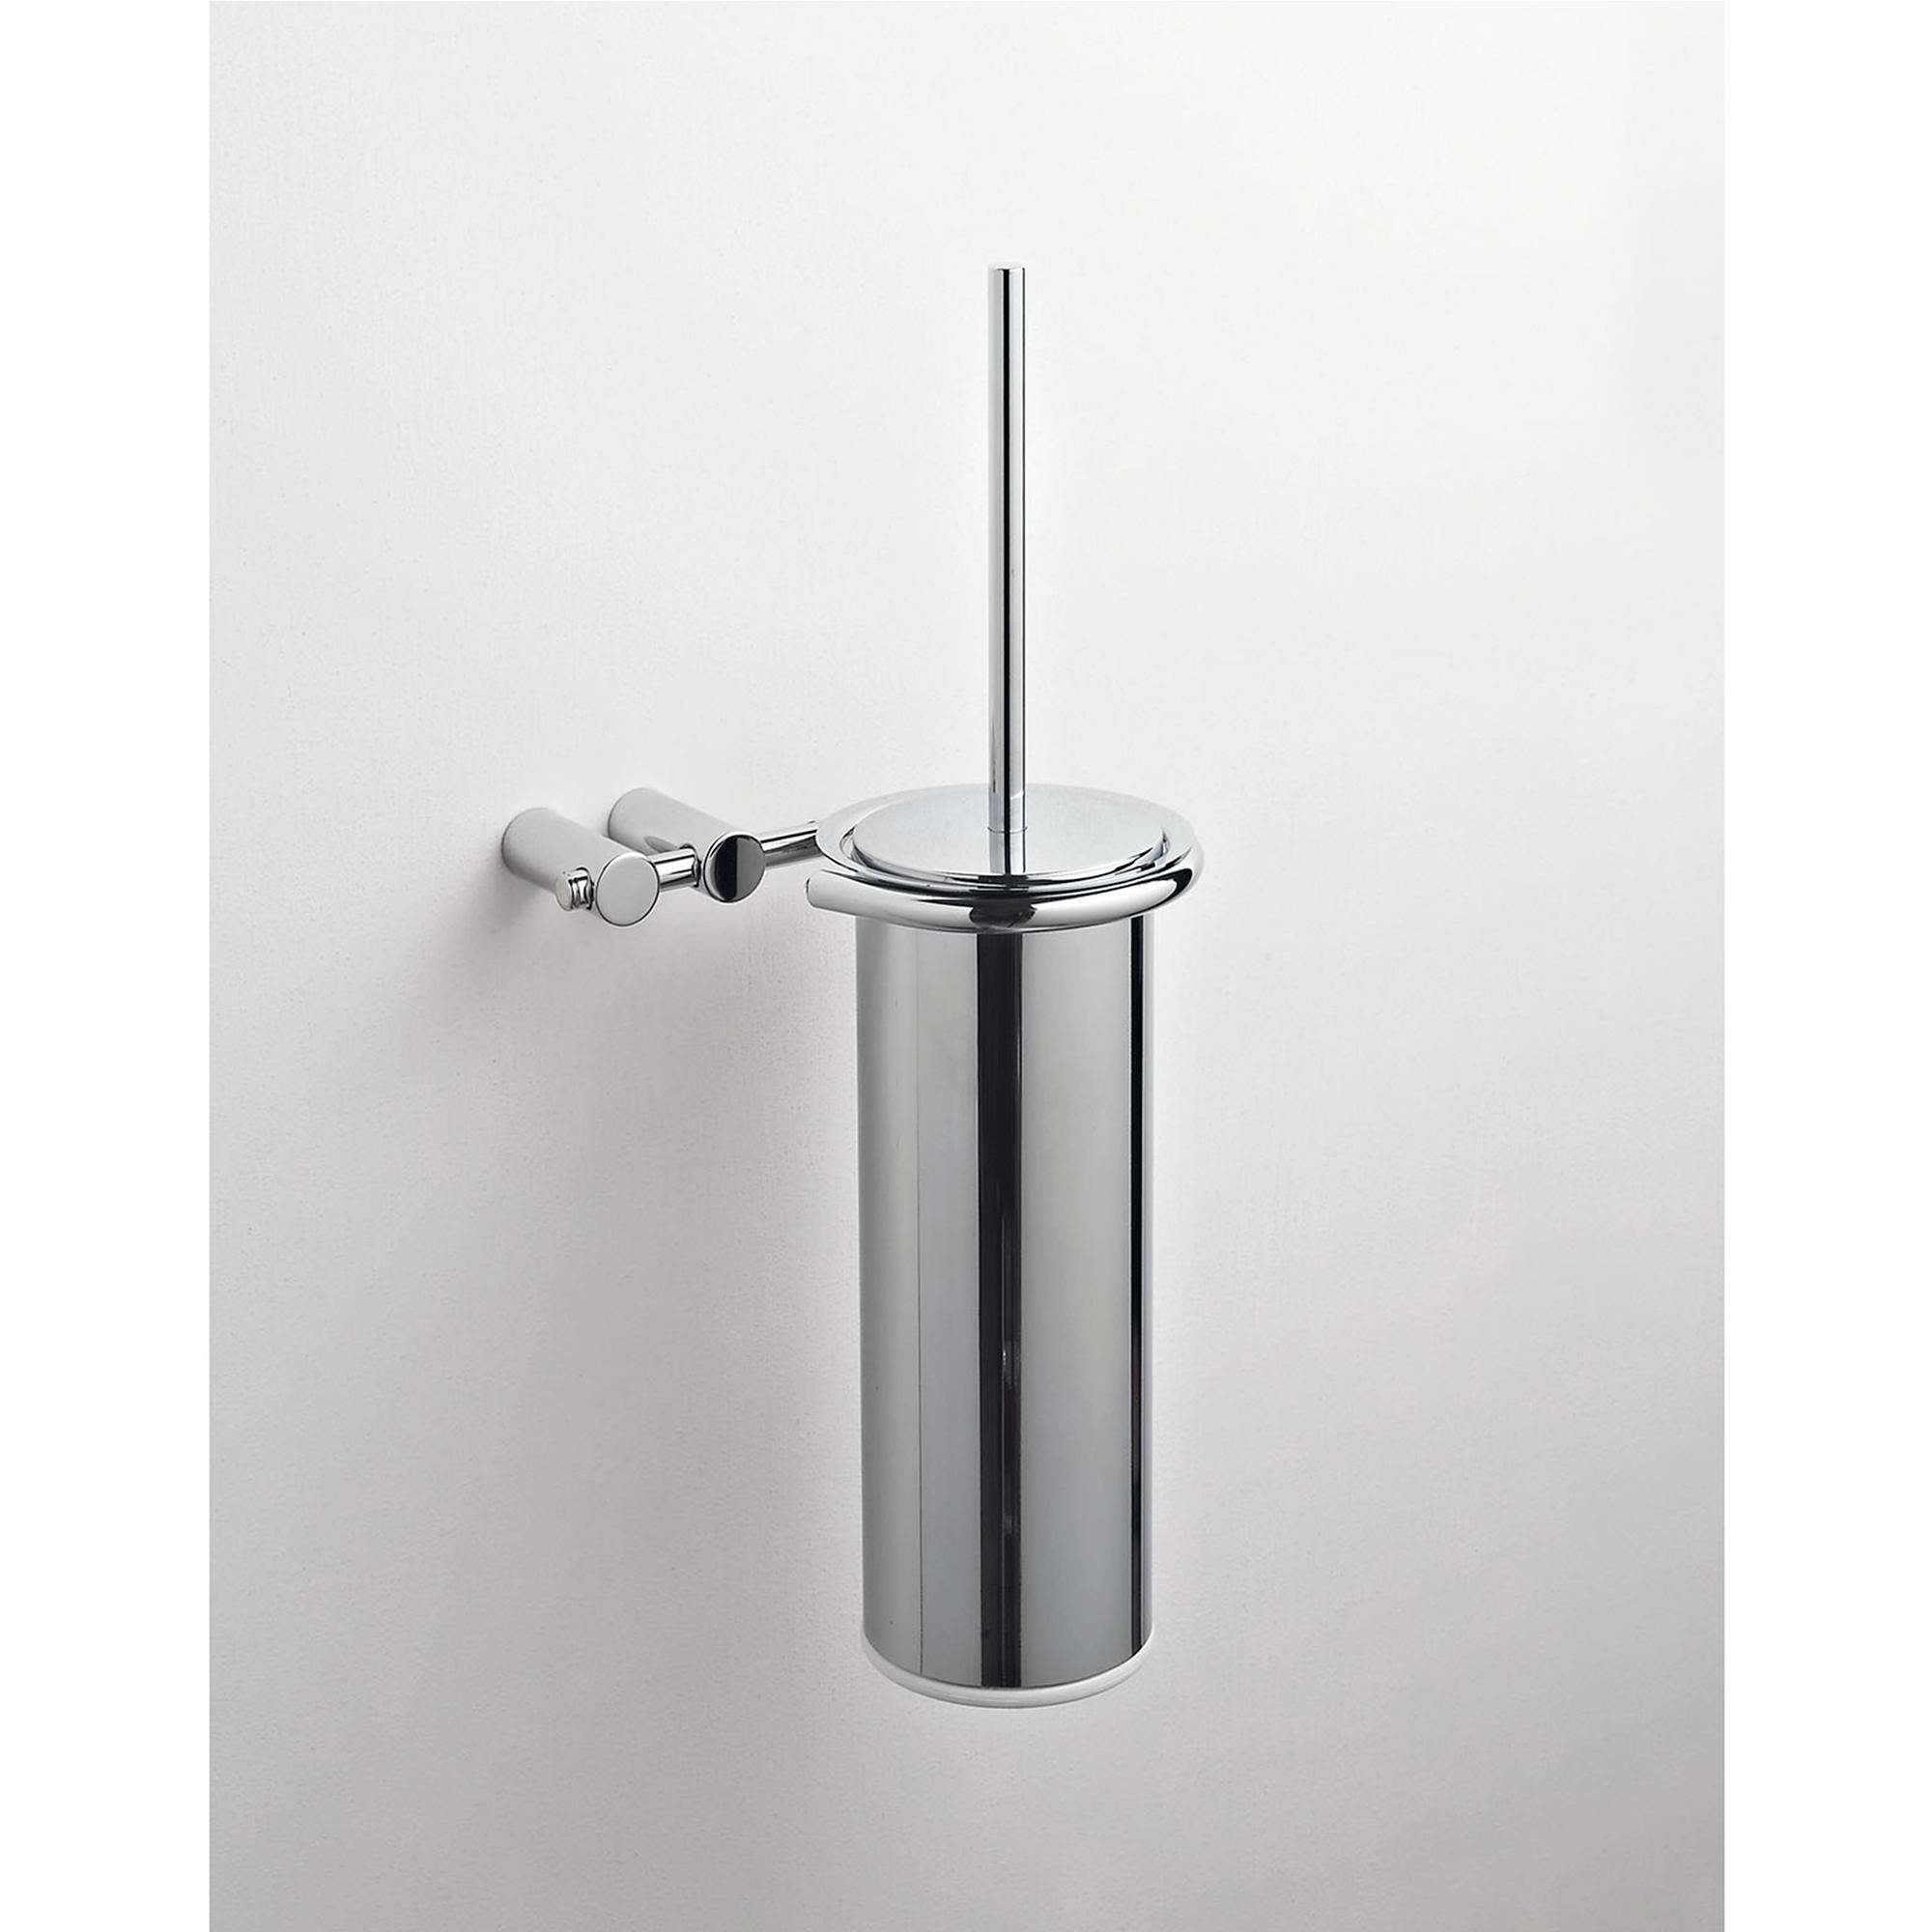 Porta scopino sospeso da bagno 16x15xh39 cm in metallo for Porta x bagno